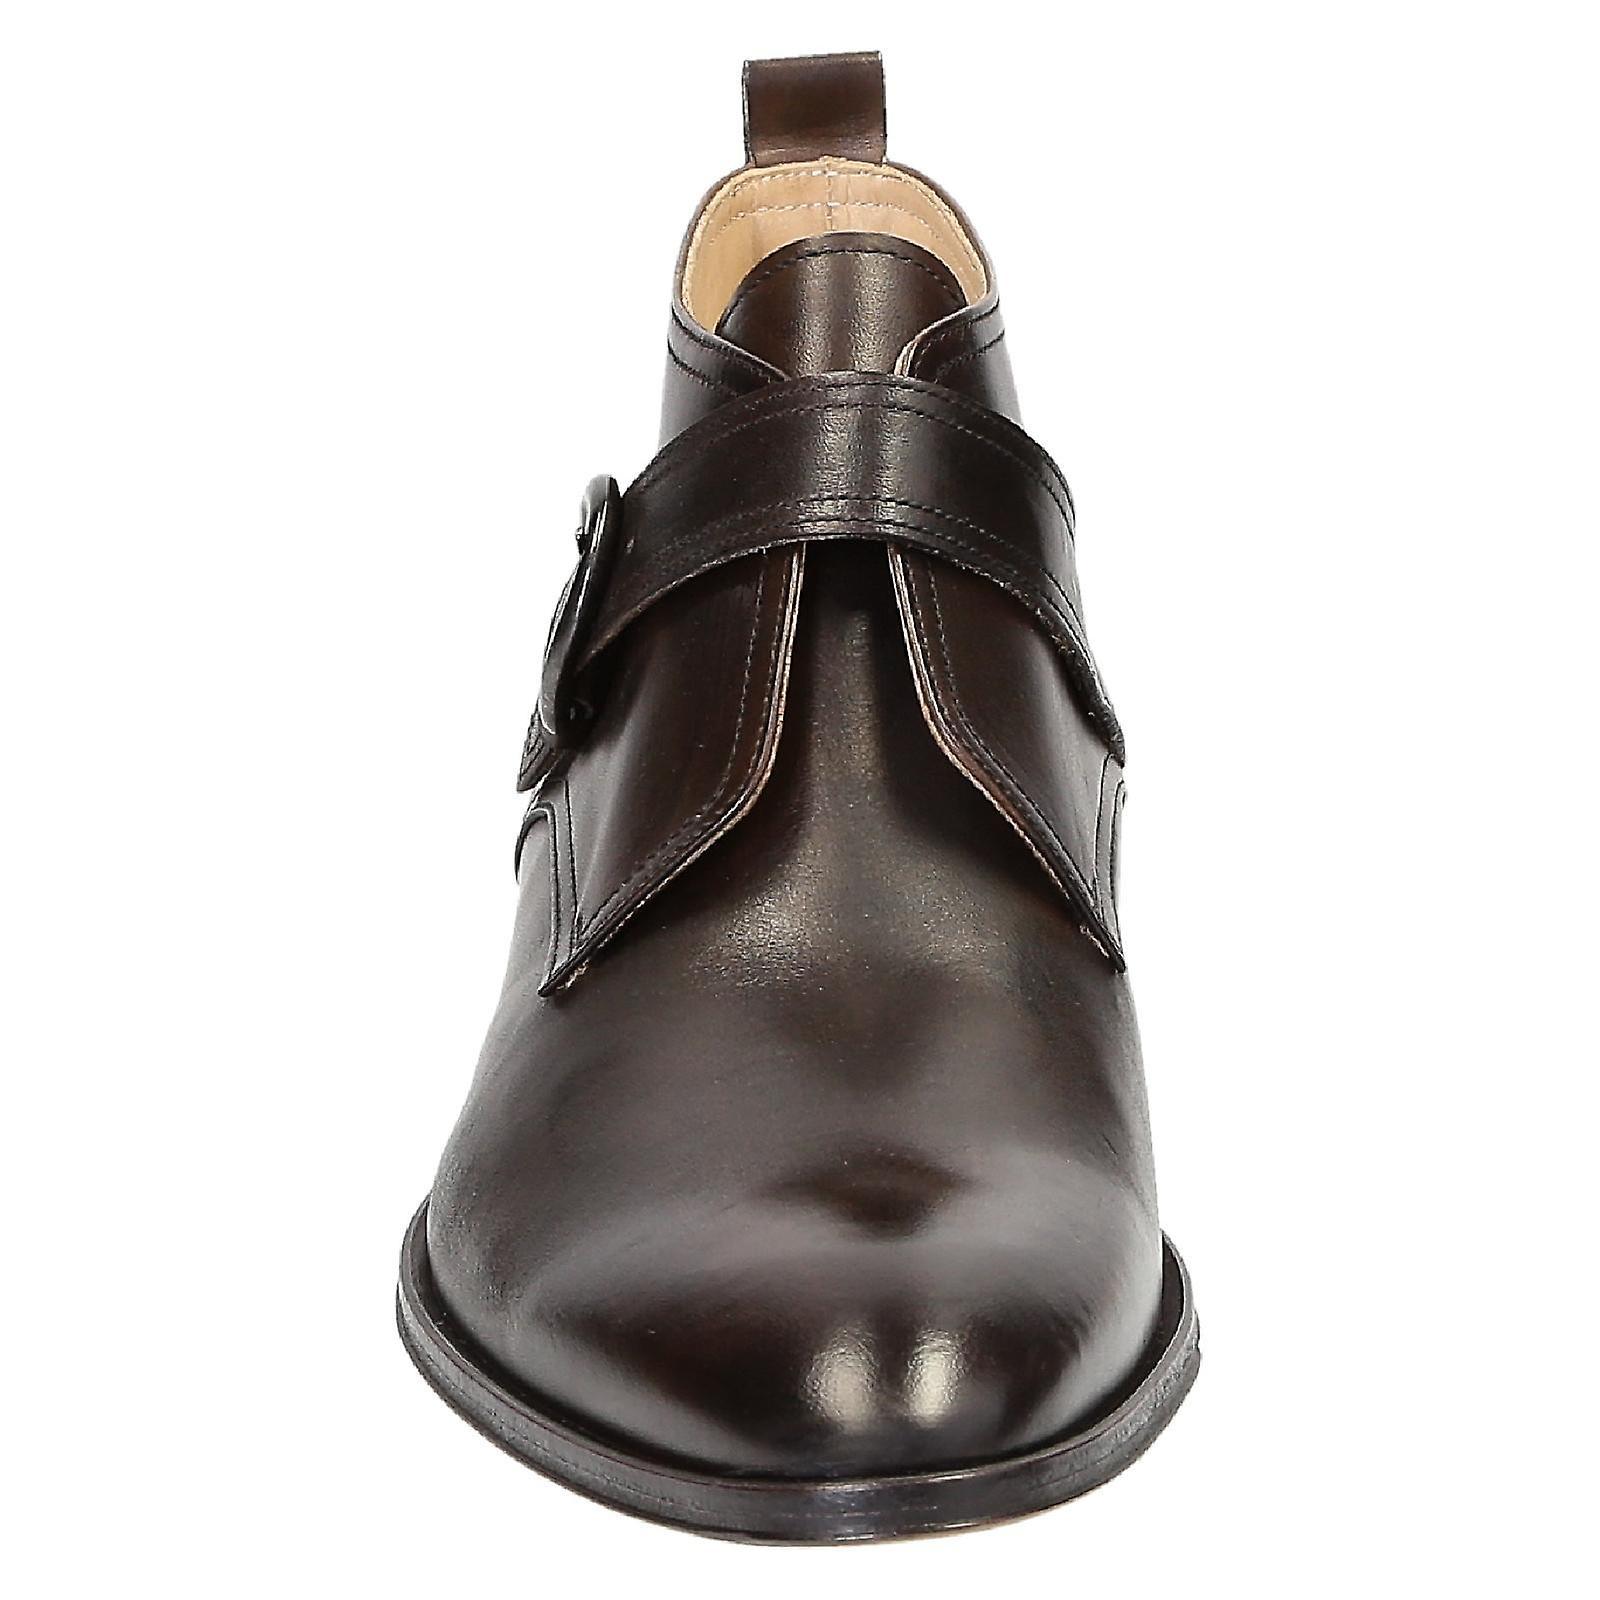 Sangle de moine à la main, bottes en cuir marron foncé